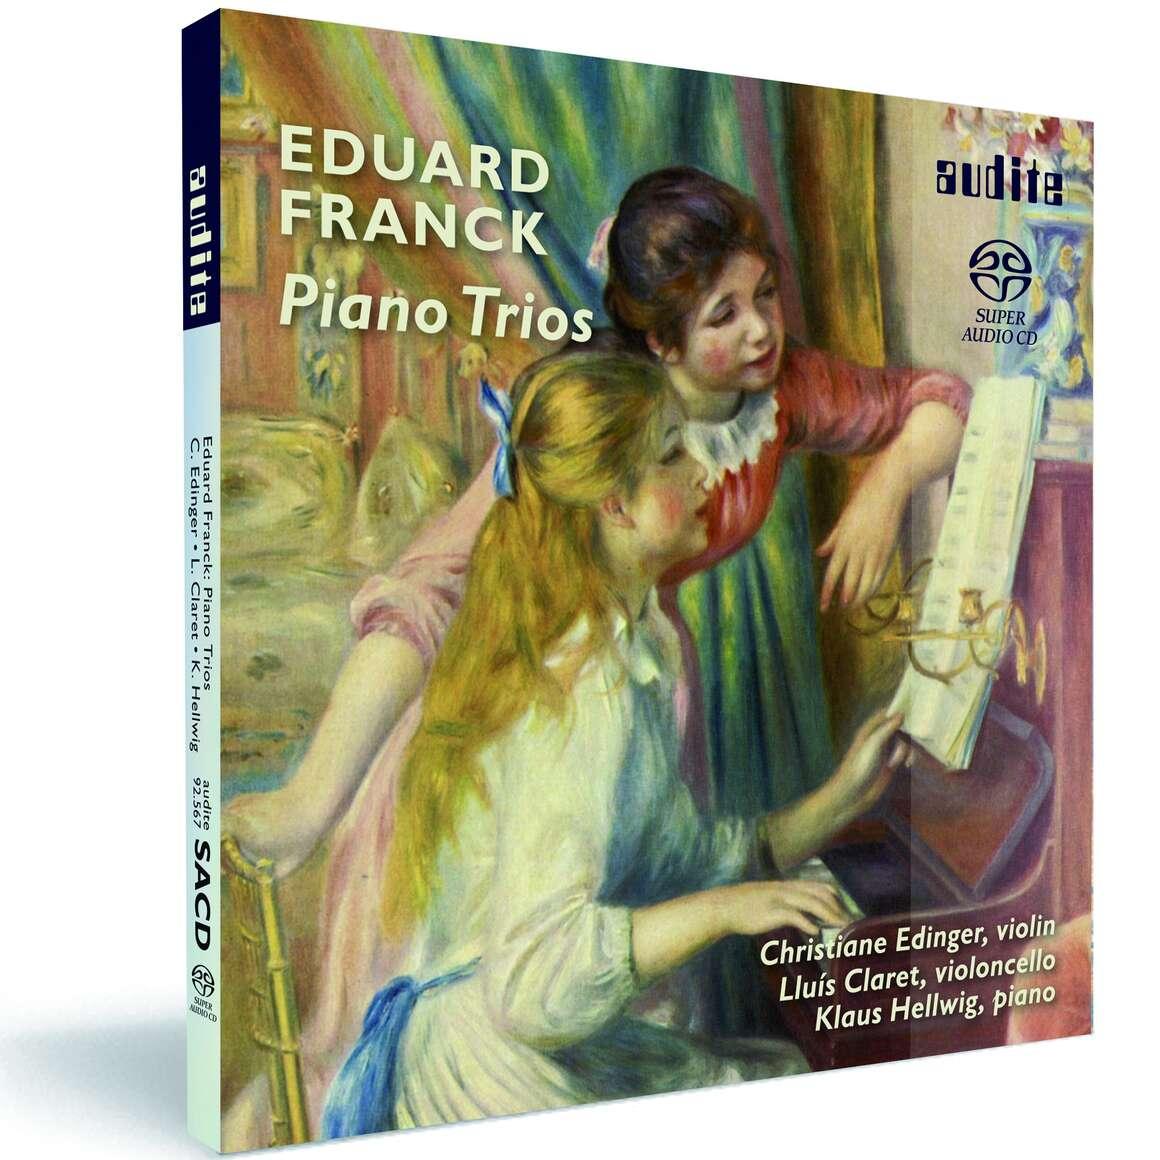 E. Franck: Piano Trios